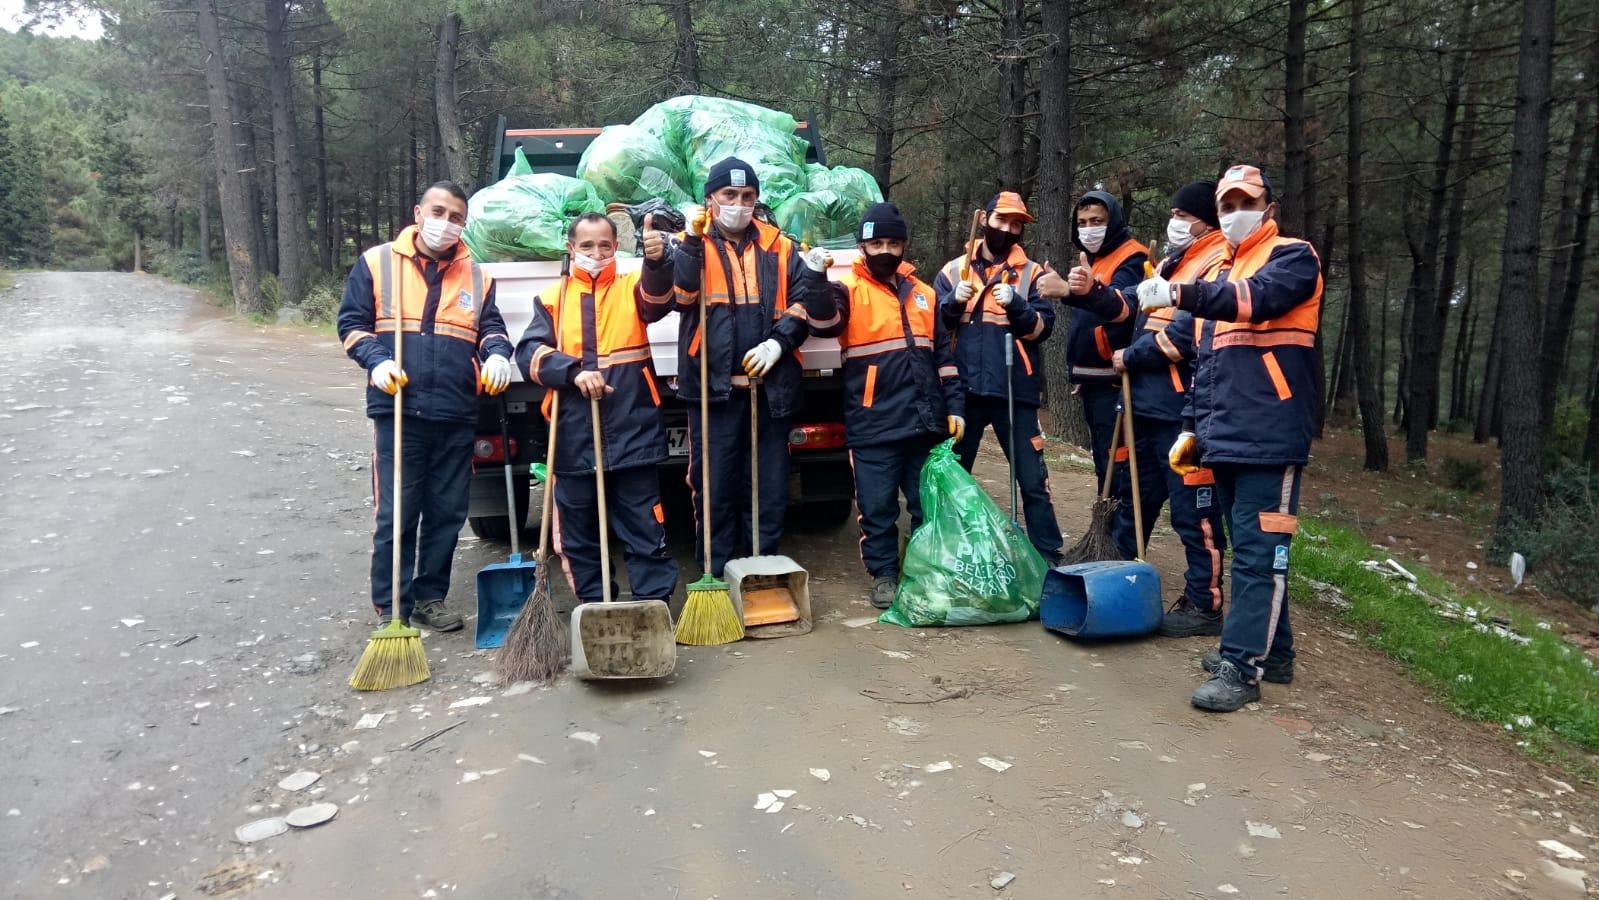 Aydos Ormanı'nda bir kamyon çöp topladılar